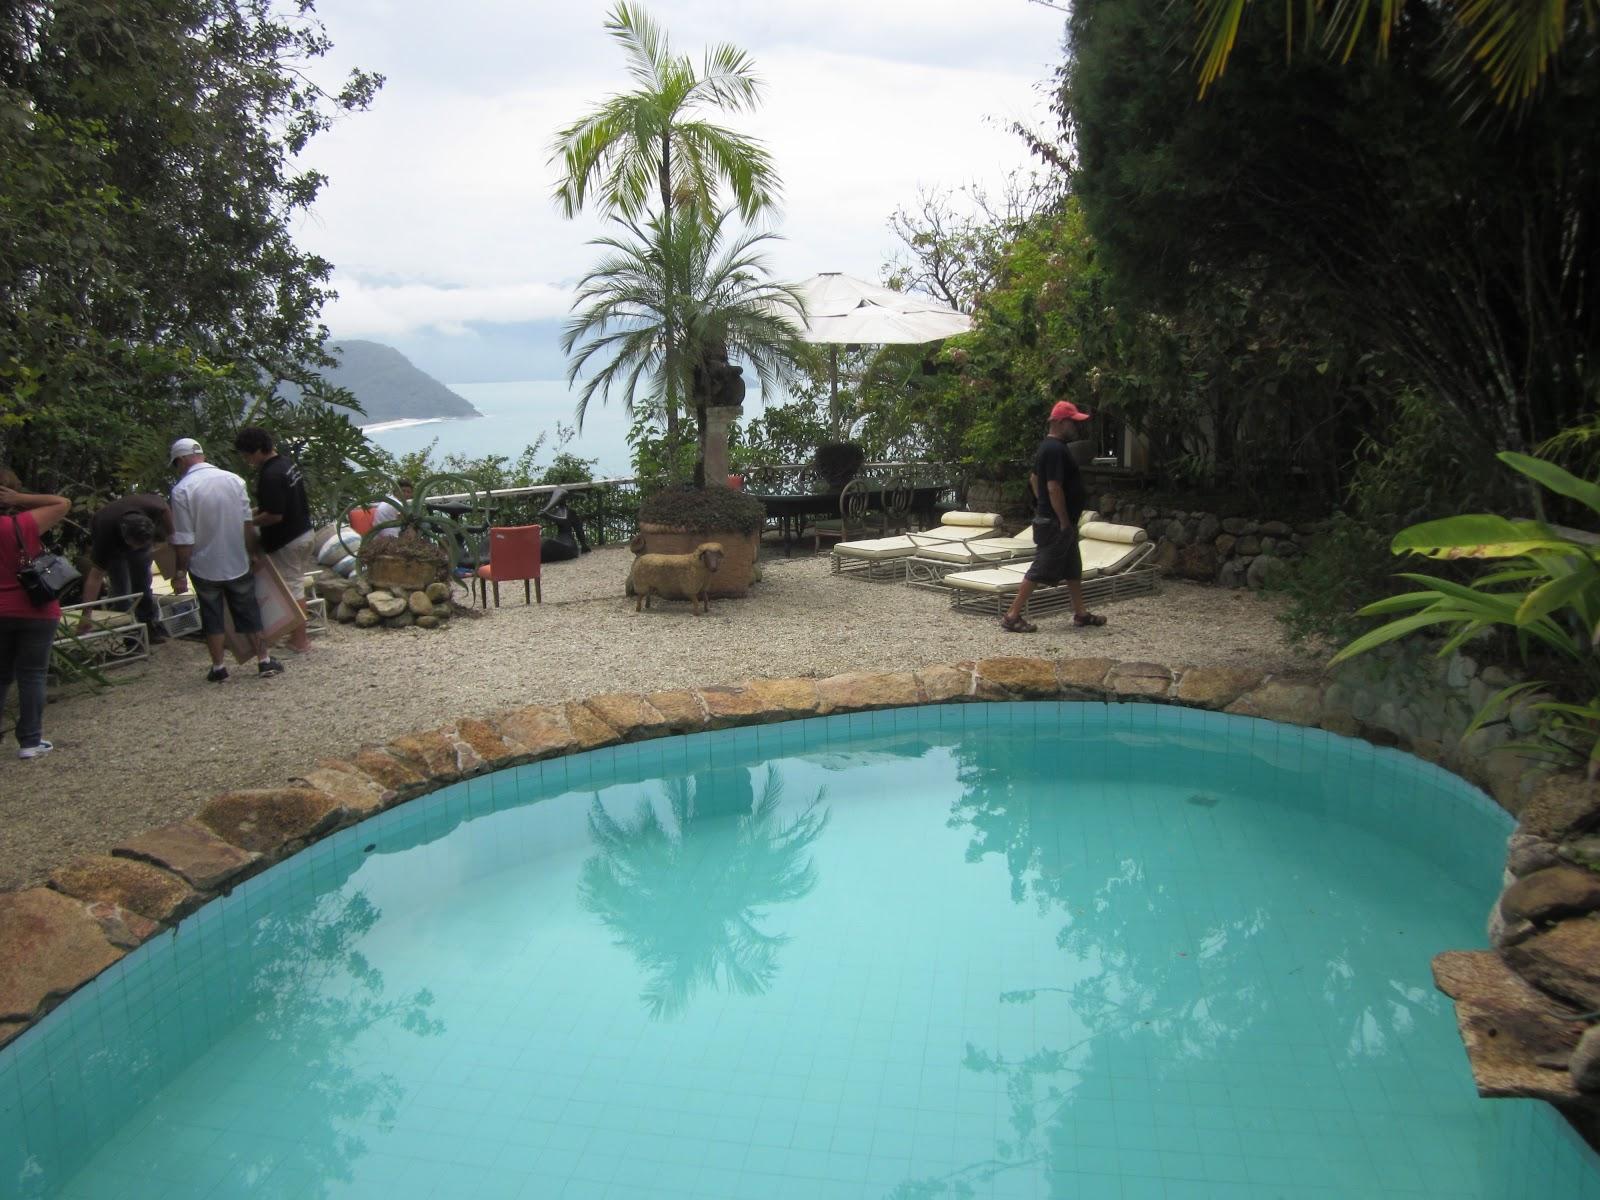 ontem de manhã meu marido e eu resolvemos sair de paraty para passear  #3C8C8F 1600x1200 Banheiro De Clodovil